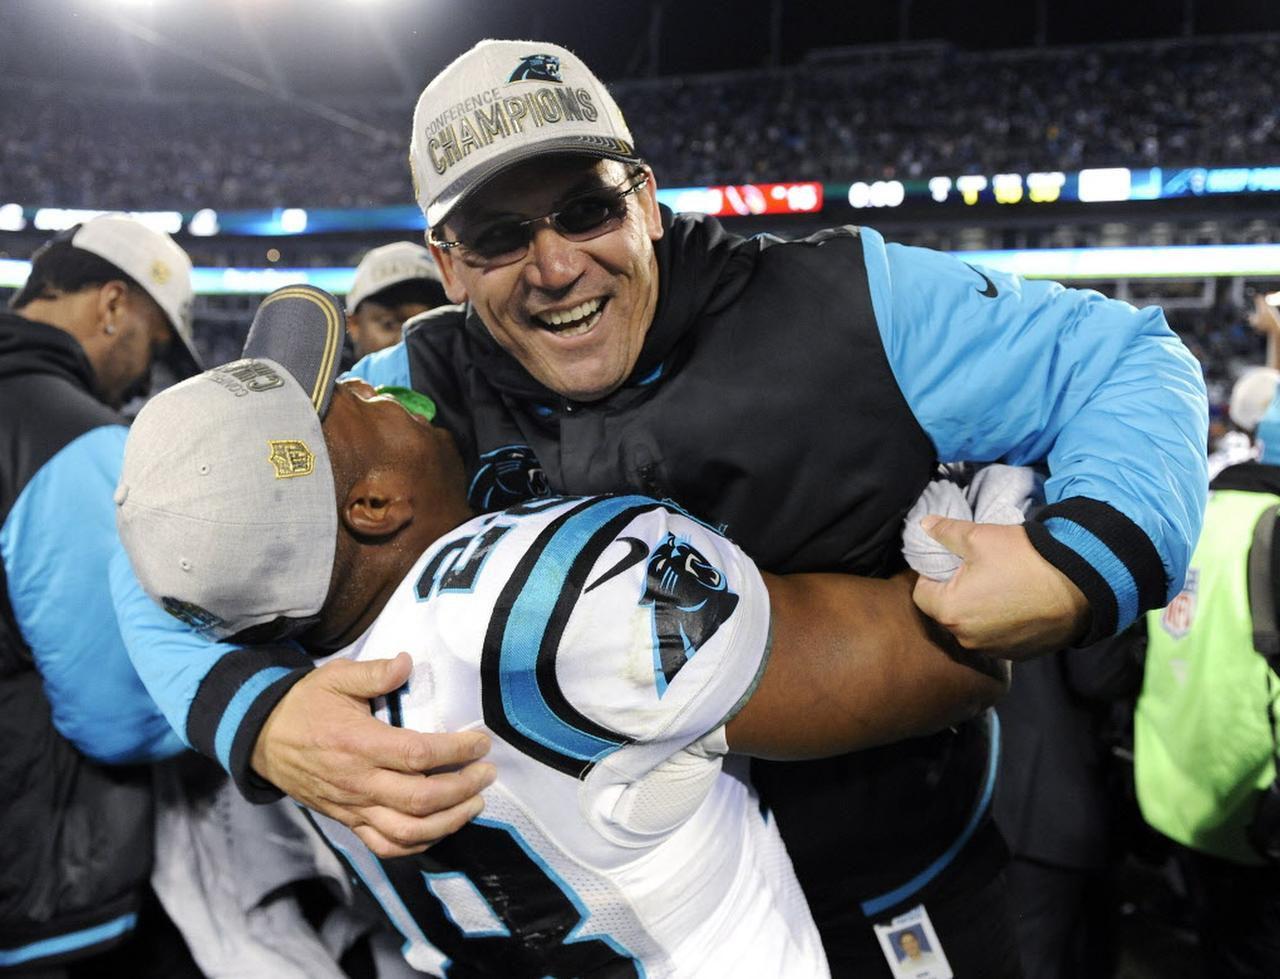 El entrenador de los Panthers Ron Rivera celebra con Jonathan Stewart tras conseguir el título de la NFC. Carolina se impuso 49-15 a Arizona. (AP/MIKE McCARN)